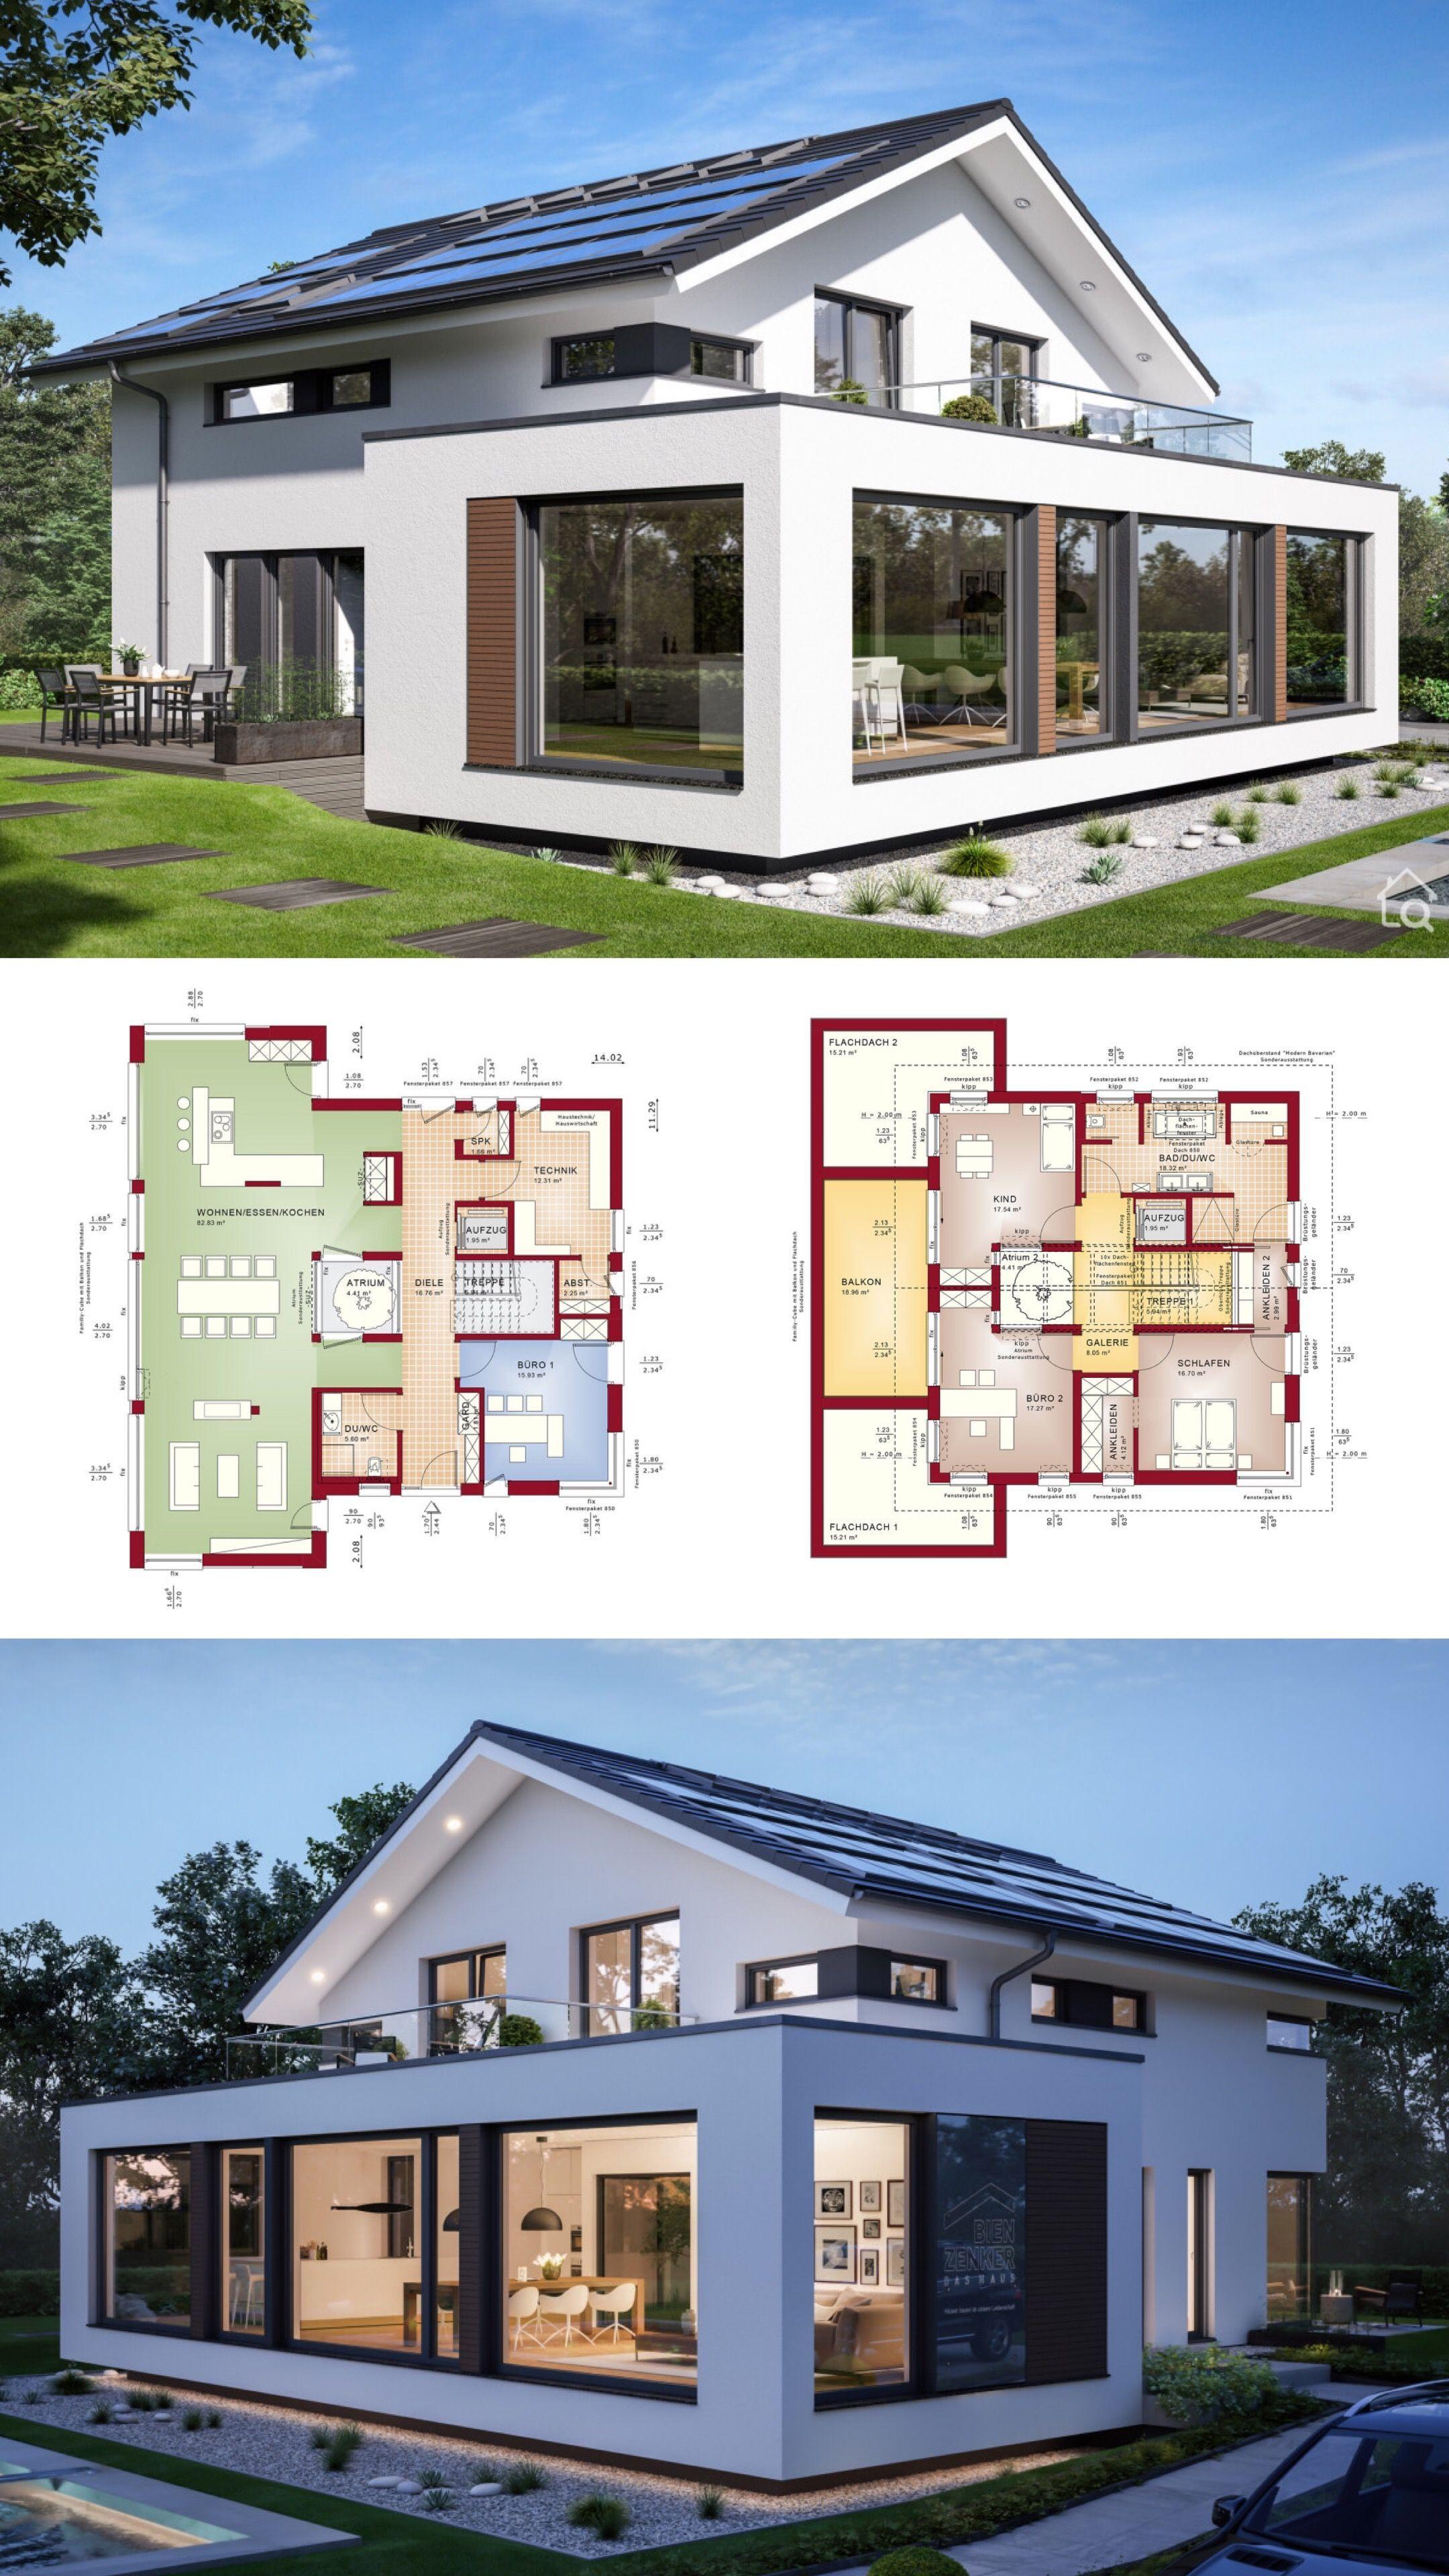 Fertighaus Modern Mit Satteldach Grossem Wintergarten Erker Grundriss Offen Mit Kleinem Innenhof Galerie 5 Zimme Modernes Haus Haus Plane Architektur Haus